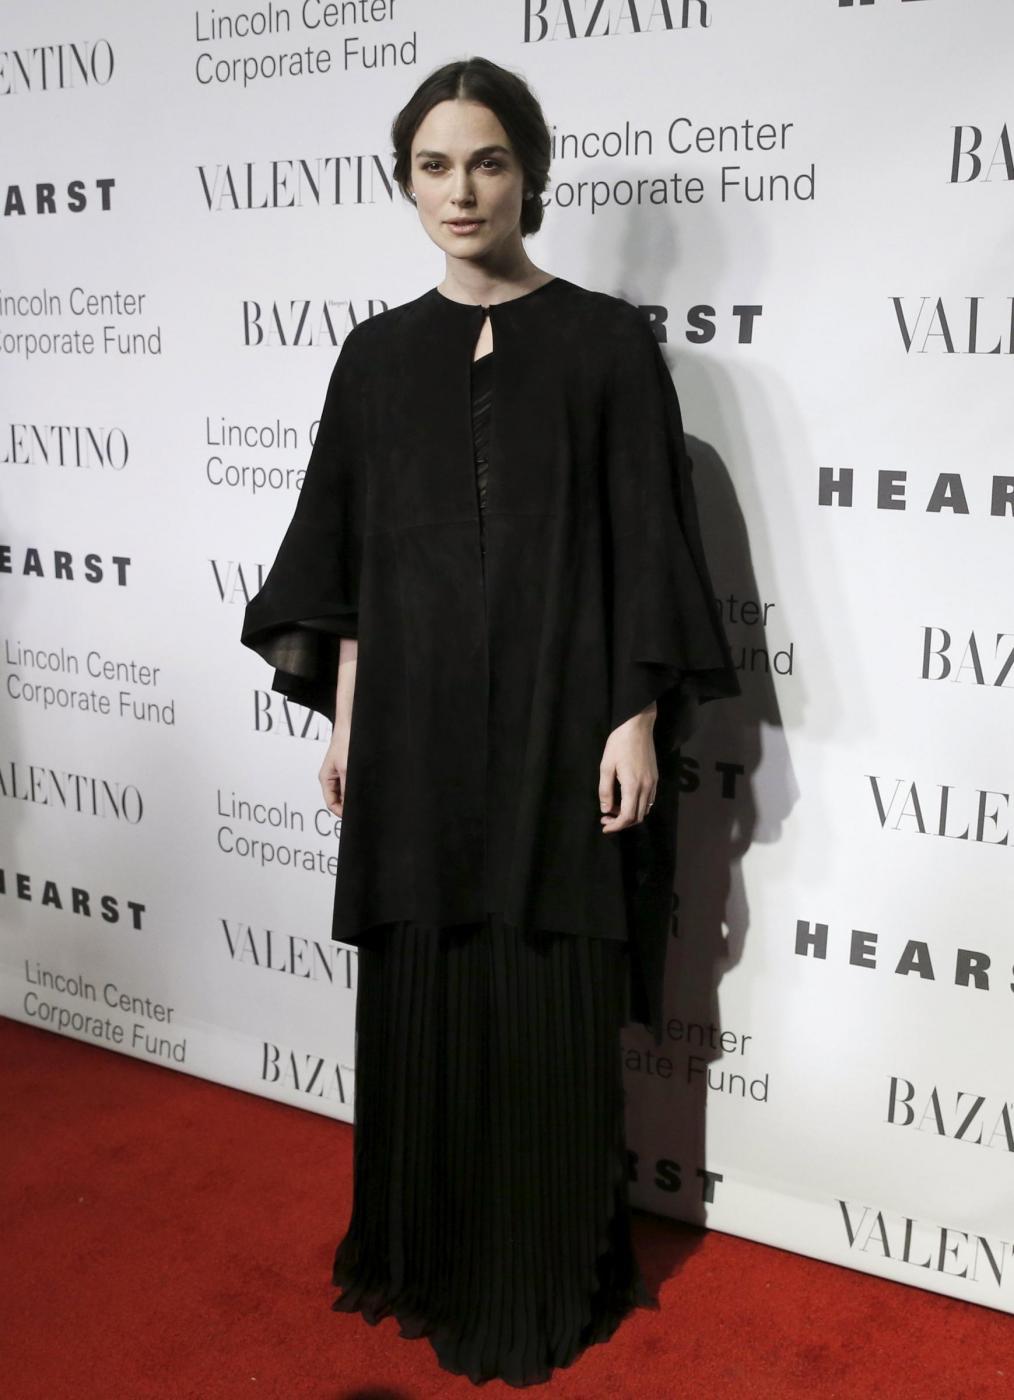 Martina Stoessel (Violetta), Keira Knightley: dive in Valentino FOTO